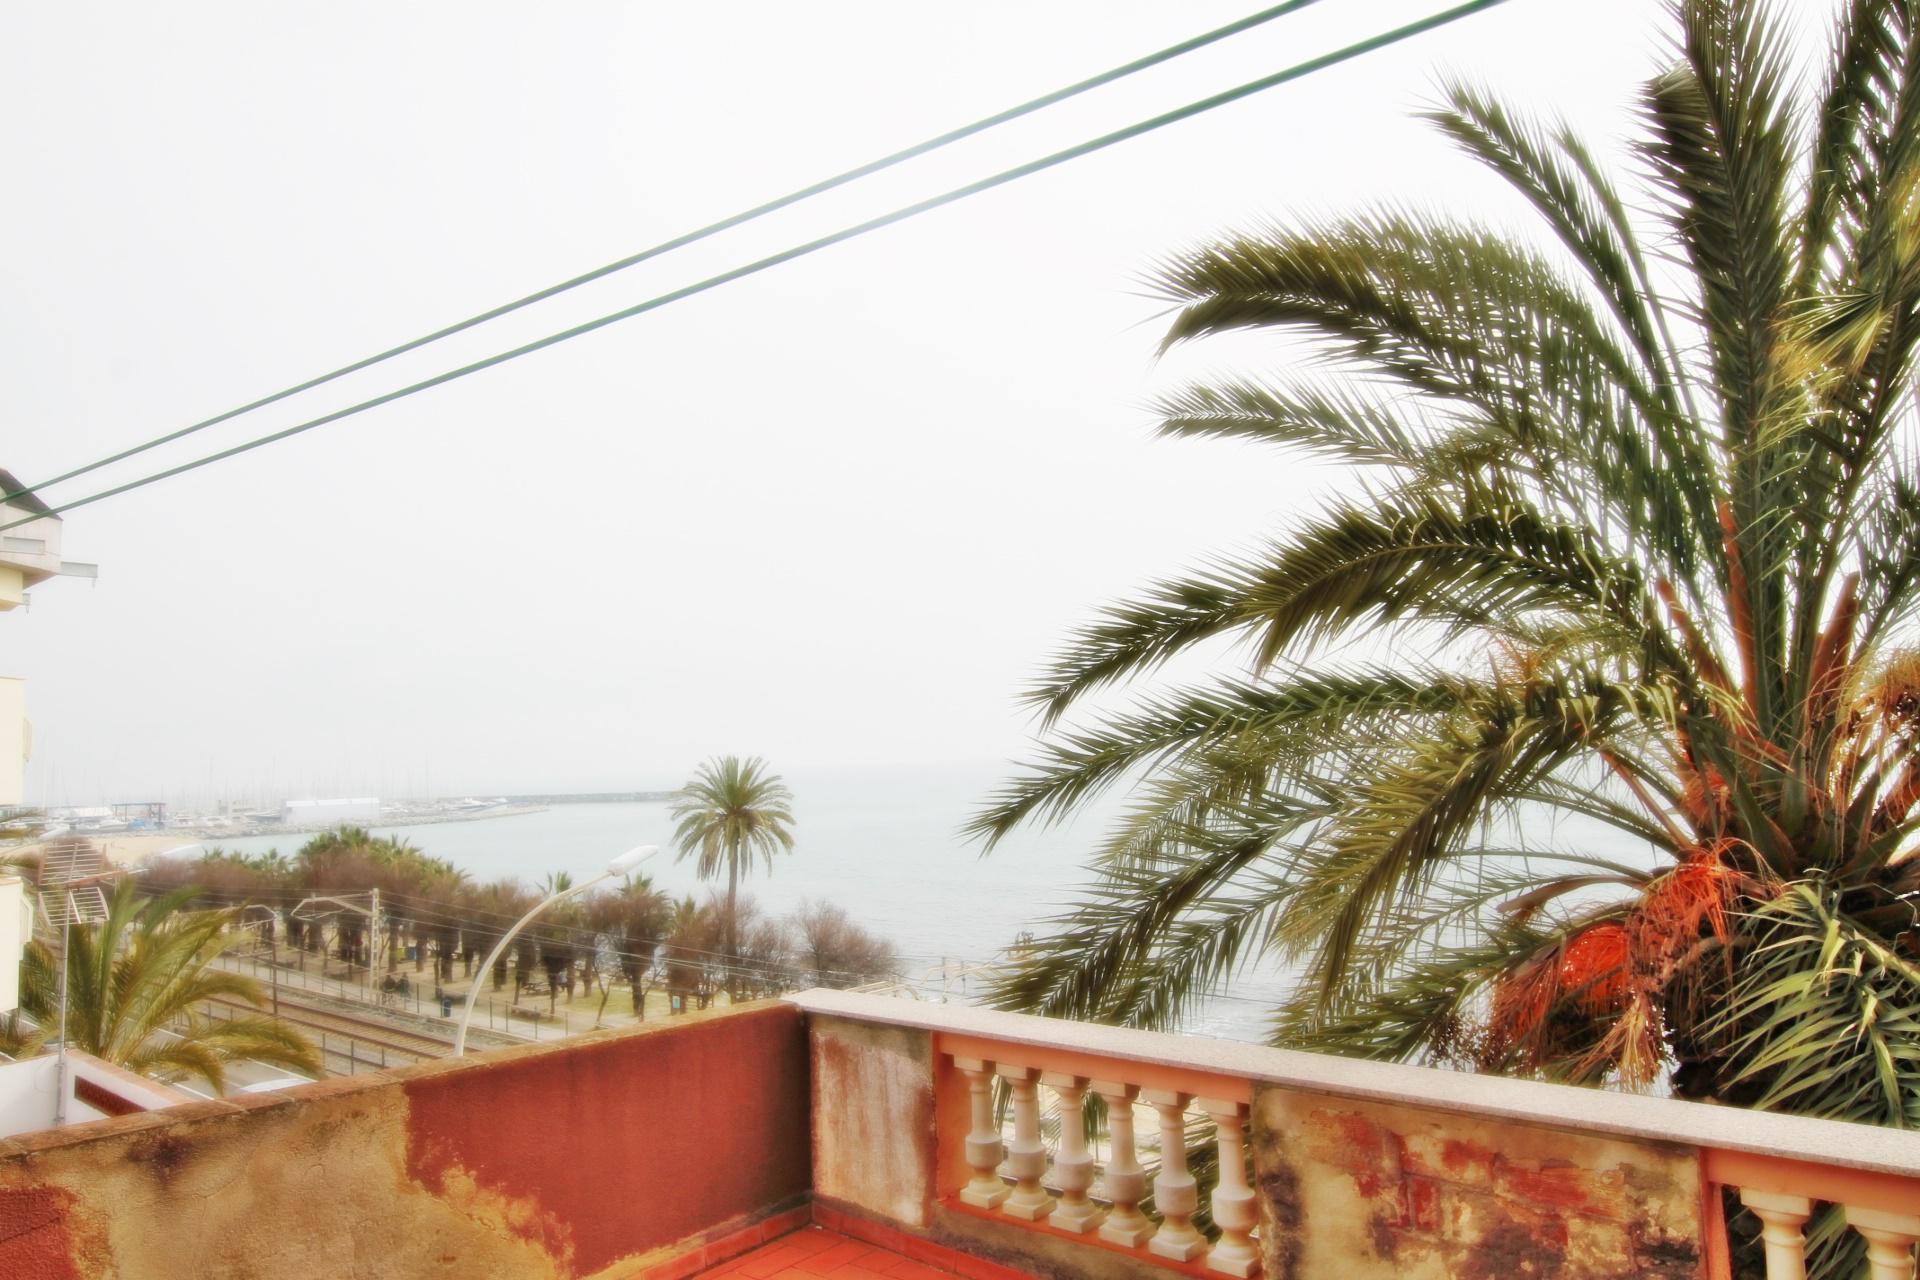 202736 - Casco antiguo de Premià de Mar